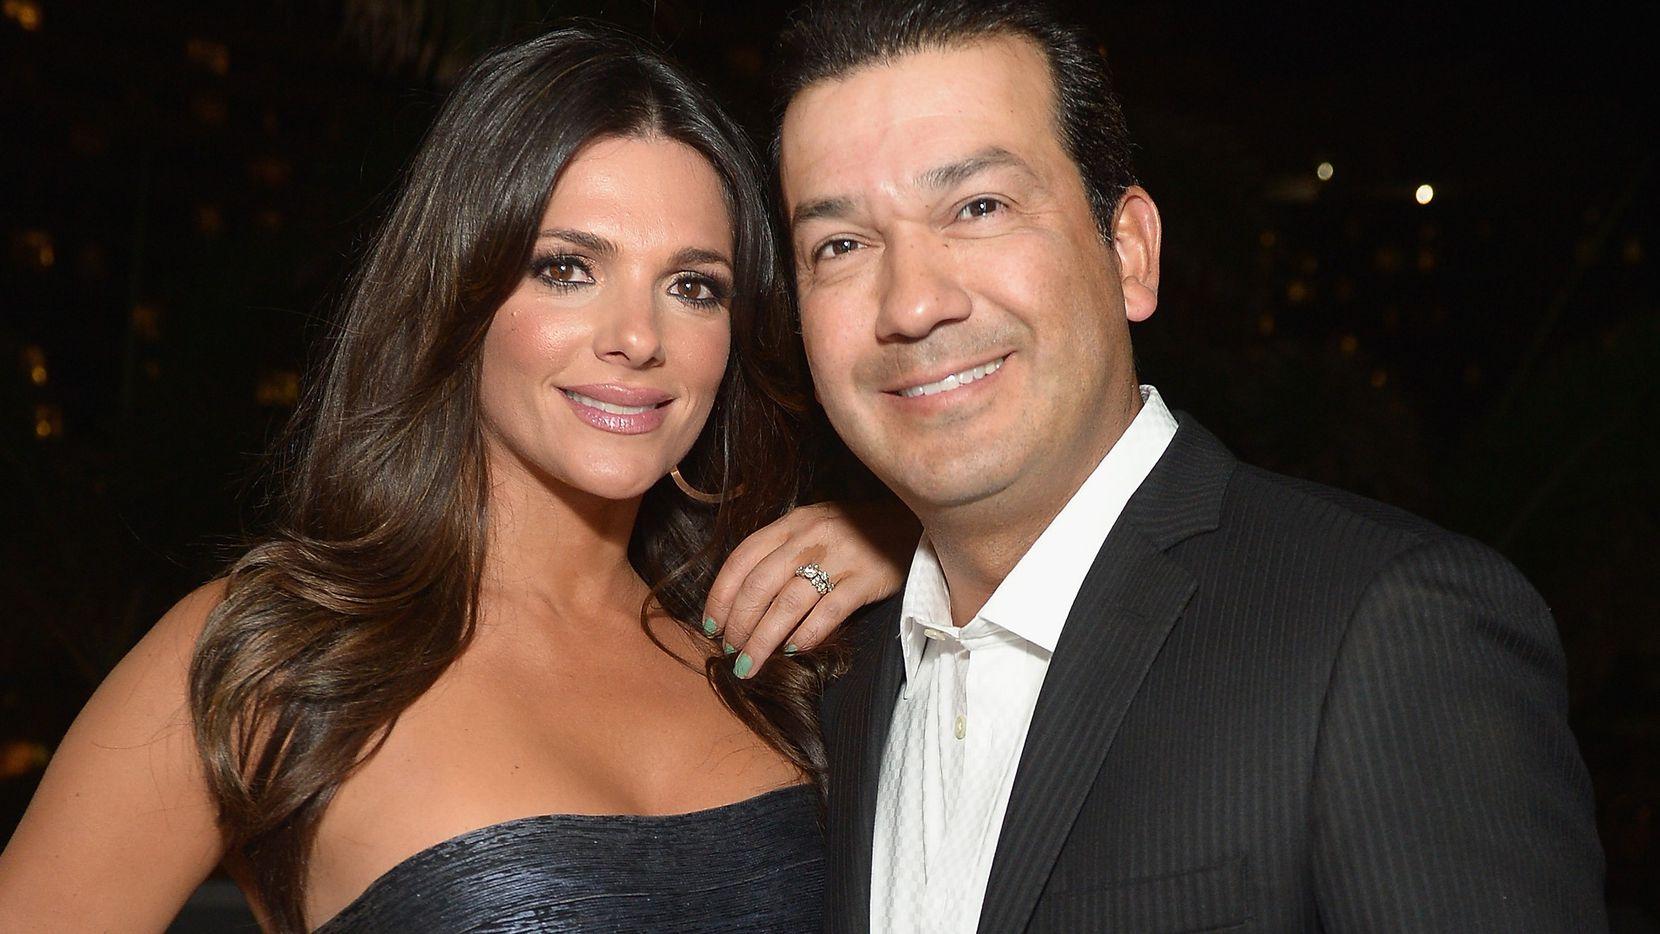 Bárbara Bermudo junto a su esposo Mario Andrés Moreno. / GETTY IMAGES